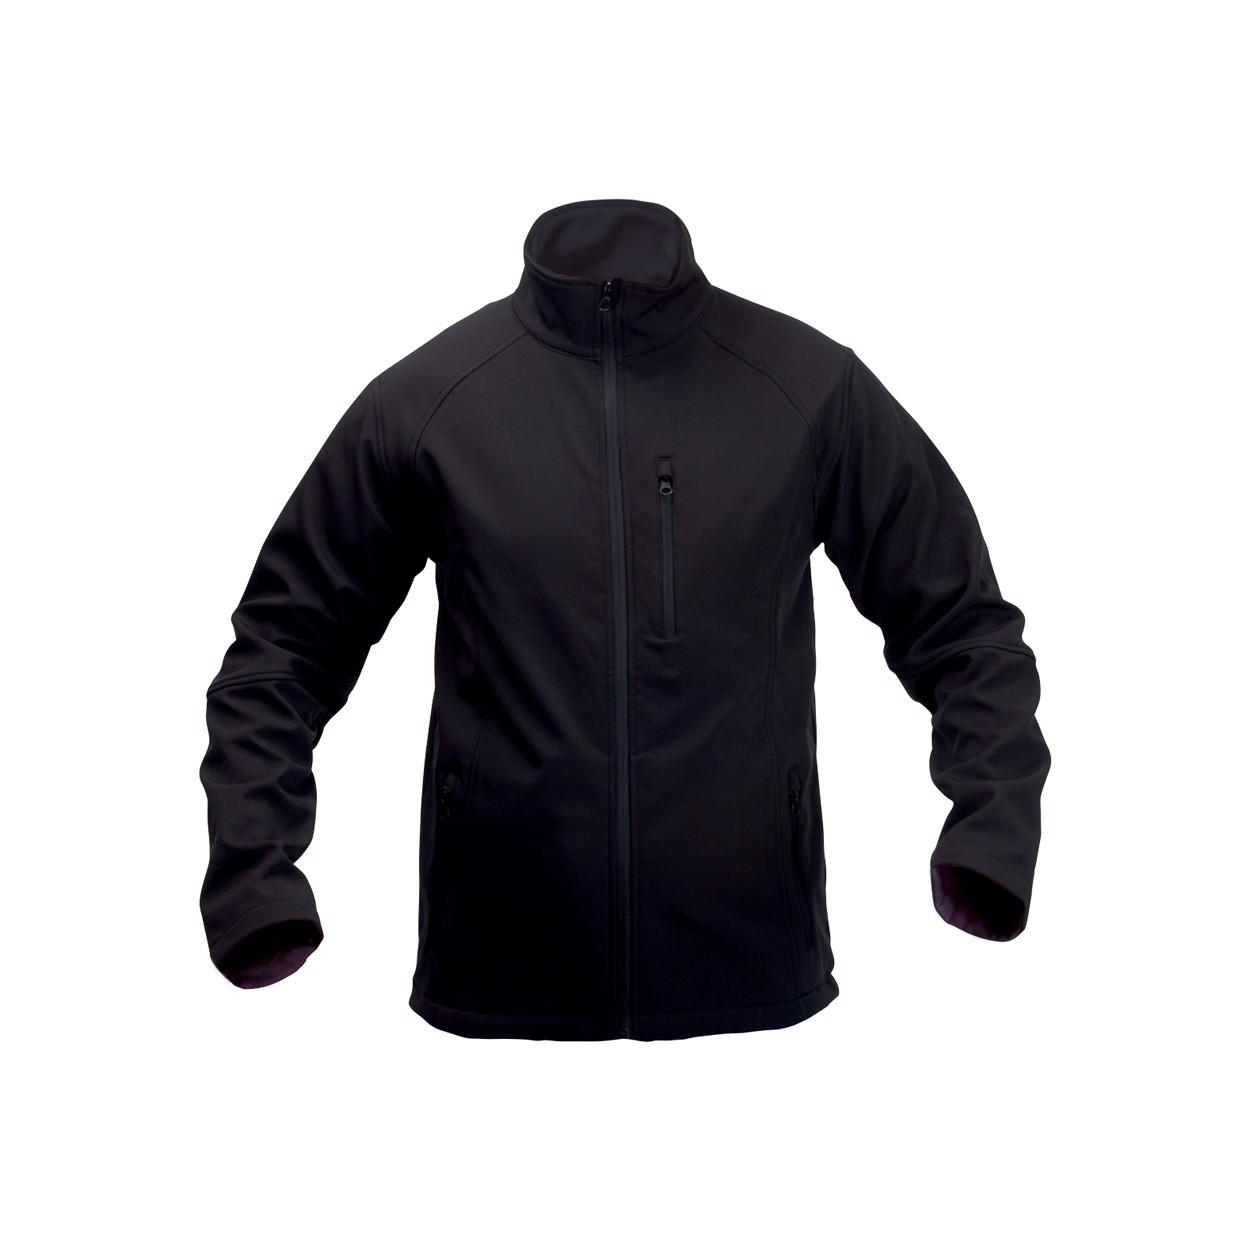 Softshell Jacke Molter - Schwarz / M